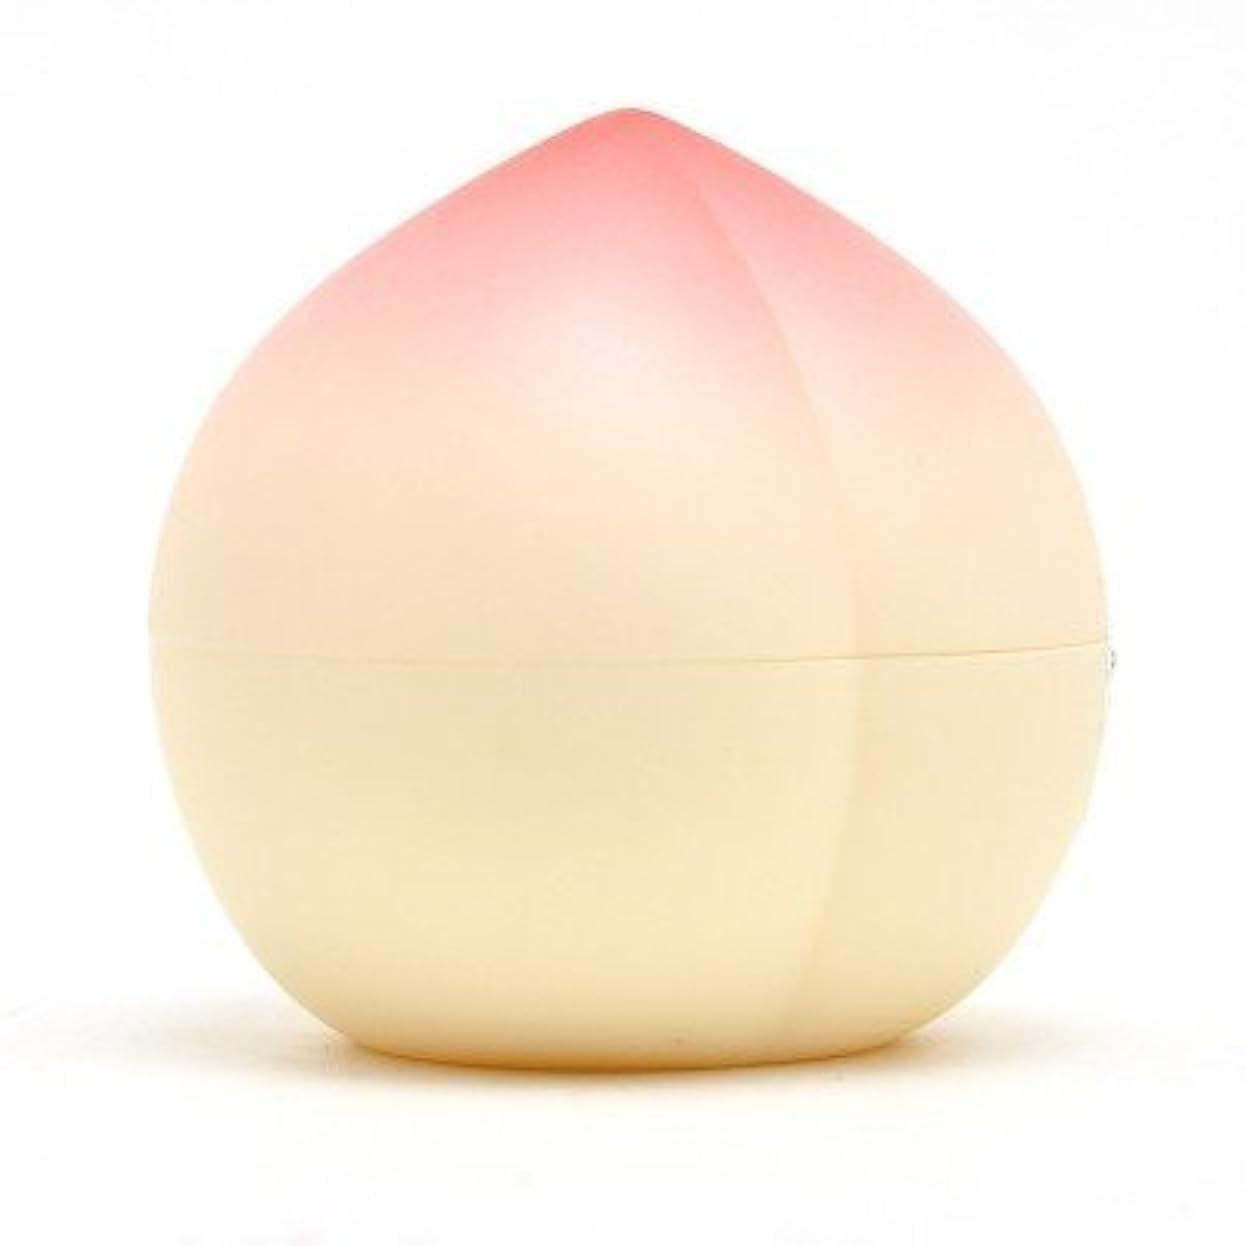 仮説上陸どこにでもTONYMOLY トニーモリー ピーチ?ハンドクリーム 30g (Peach Antiaging Hand Cream) 海外直送品